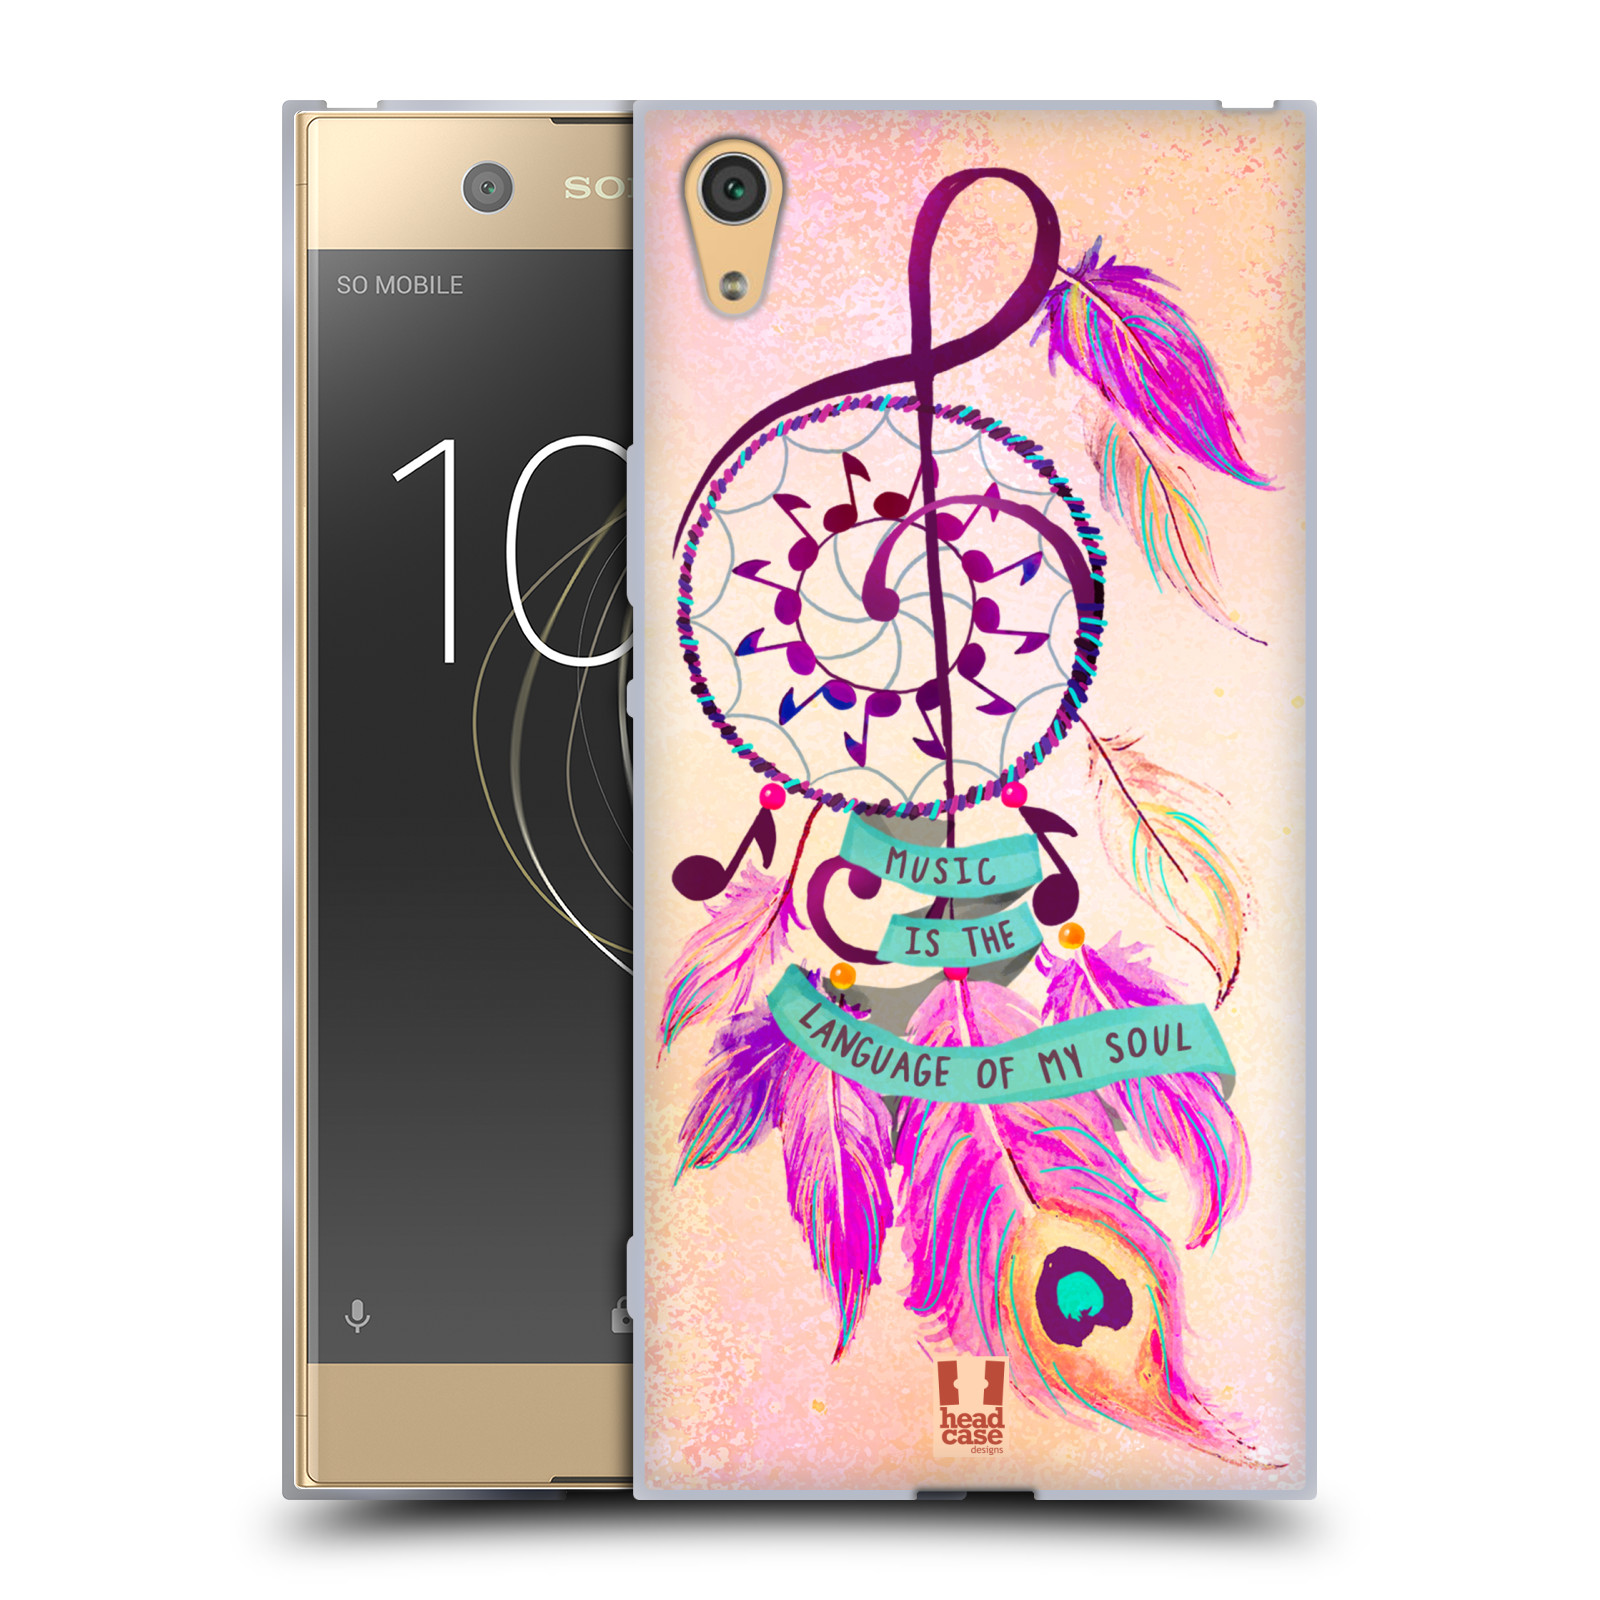 Silikonové pouzdro na mobil Sony Xperia XA1 Ultra - Head Case - Lapač Assorted Music